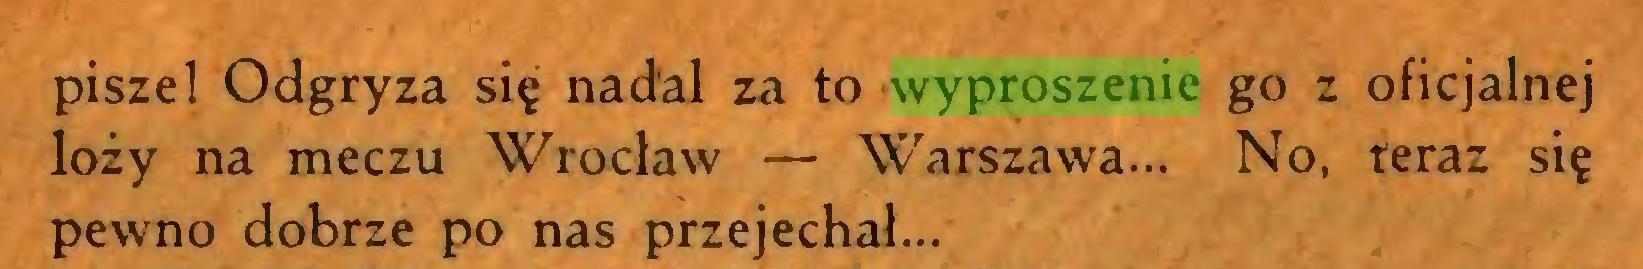 (...) piszel Odgryza się nadal za to wyproszenie go z oficjalnej loży na meczu Wrocław — Warszawa... No, teraz się pewno dobrze po nas przejechał...